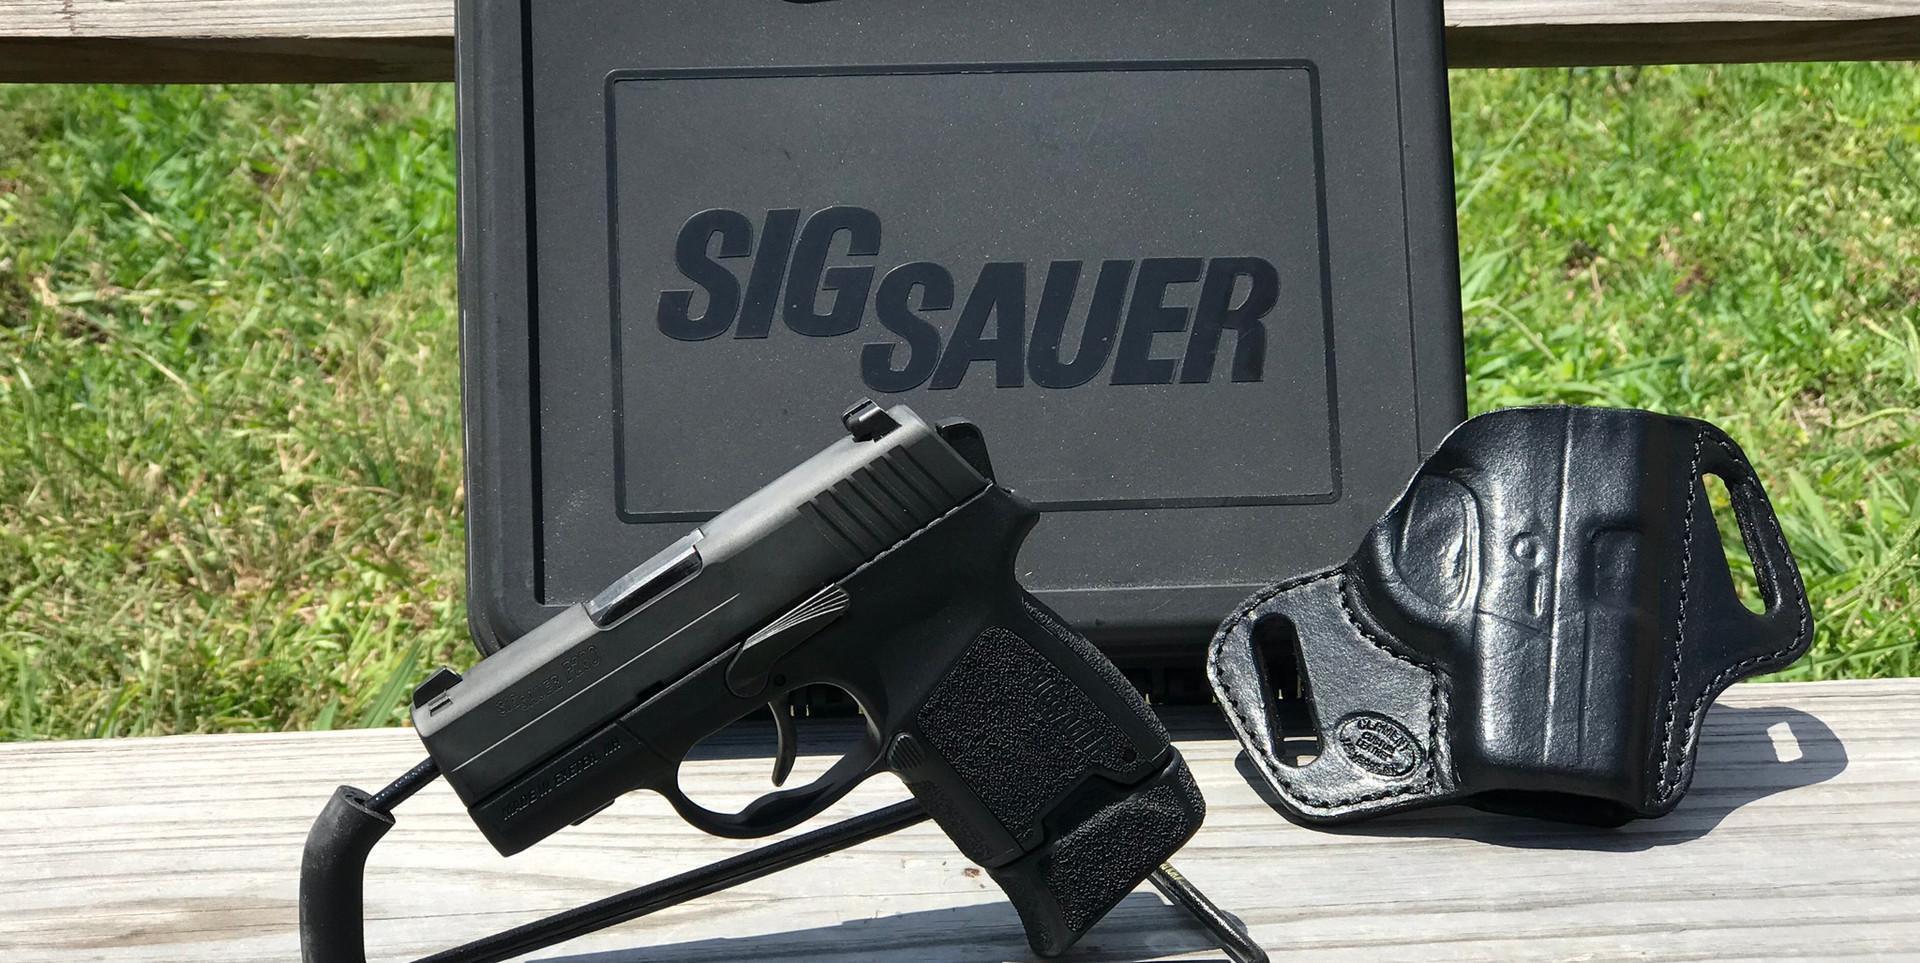 Sig Sauer P290